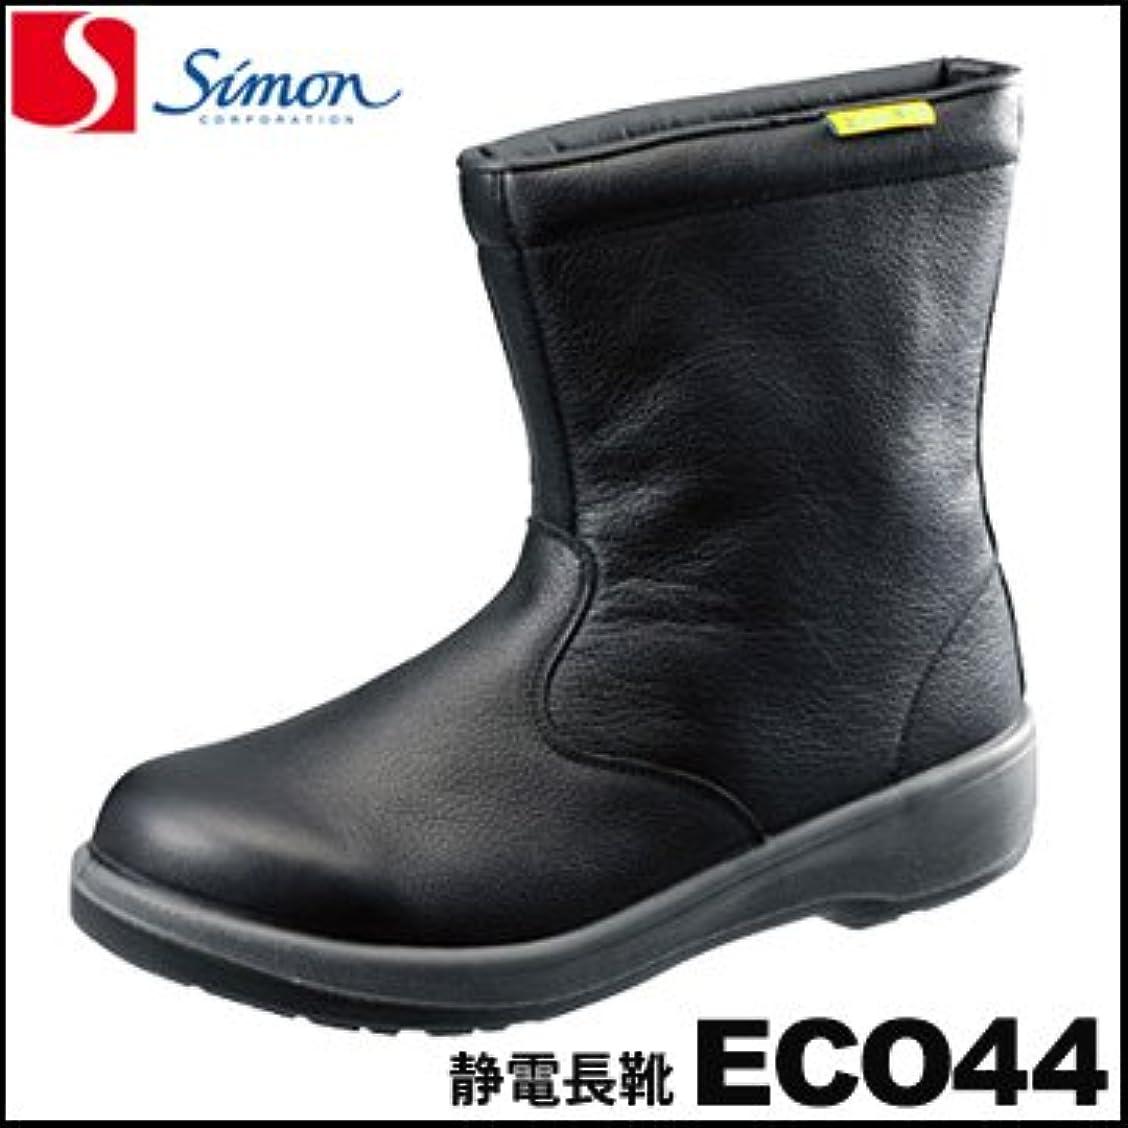 聖歌がっかりしたがっかりしたシモン 静電靴?作業靴 ECO44 黒 1足 28cm